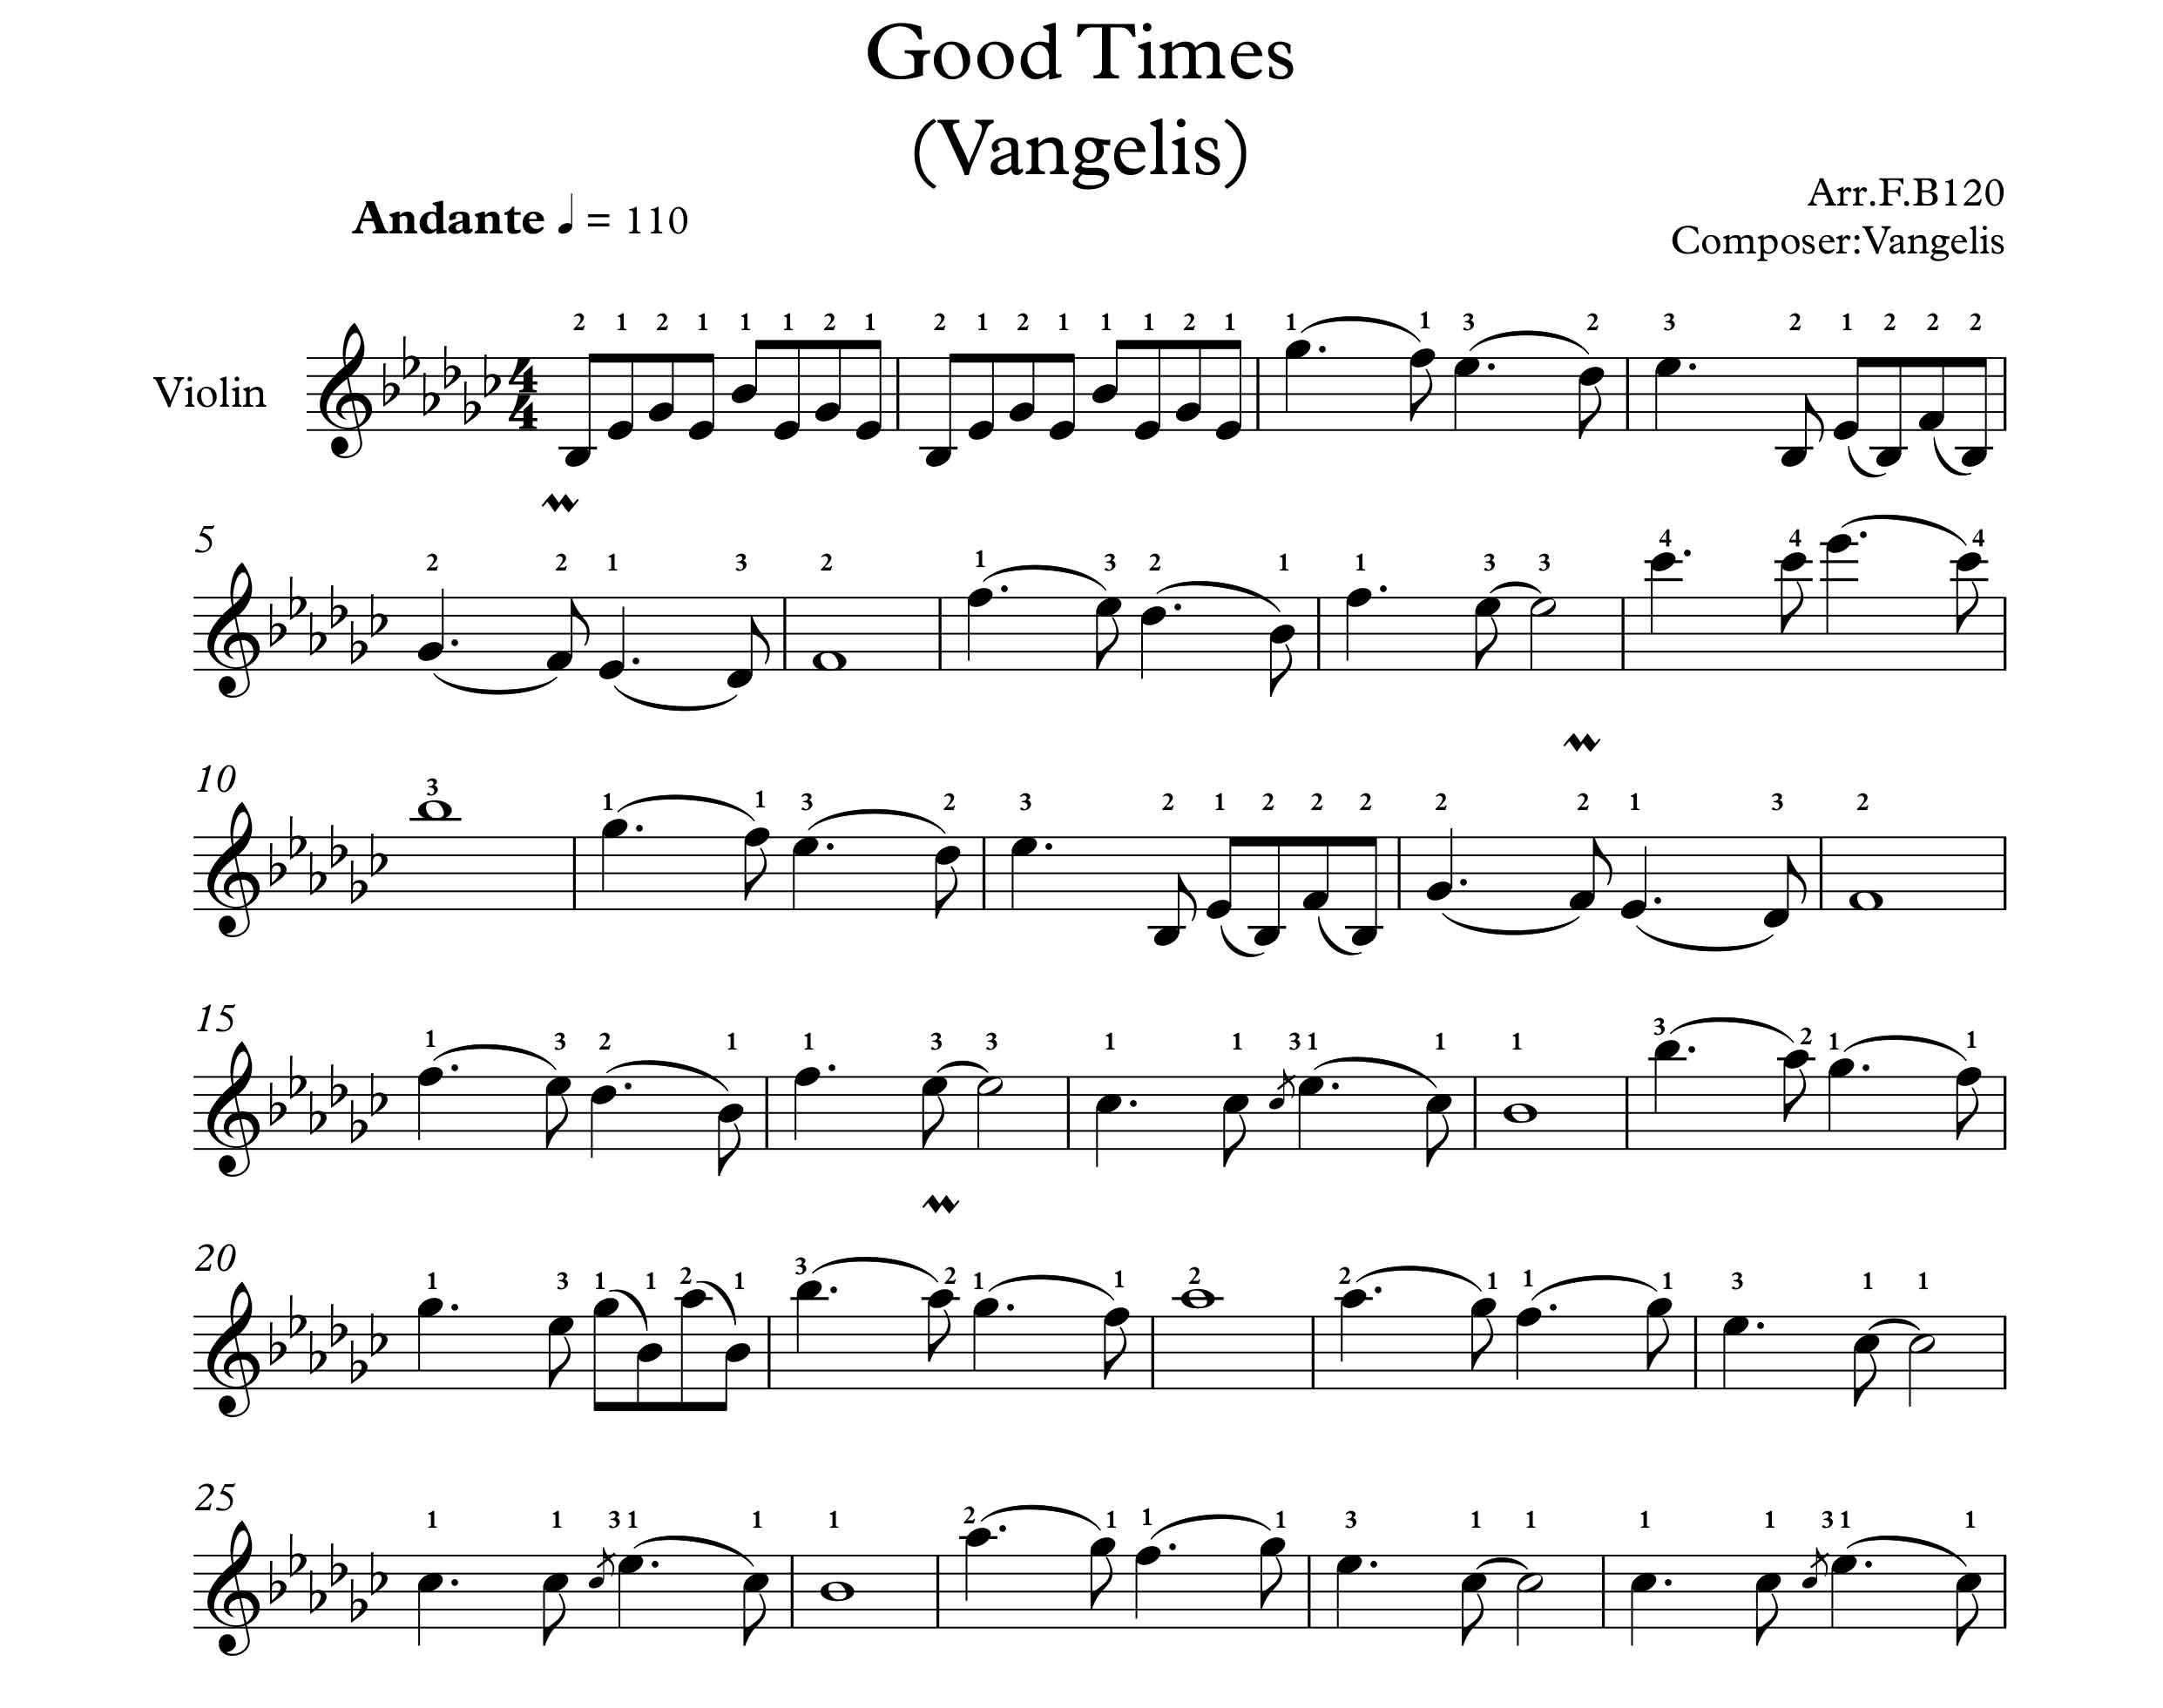 نت ویولن آهنگ بی کلام good times از  وَنجِلیس